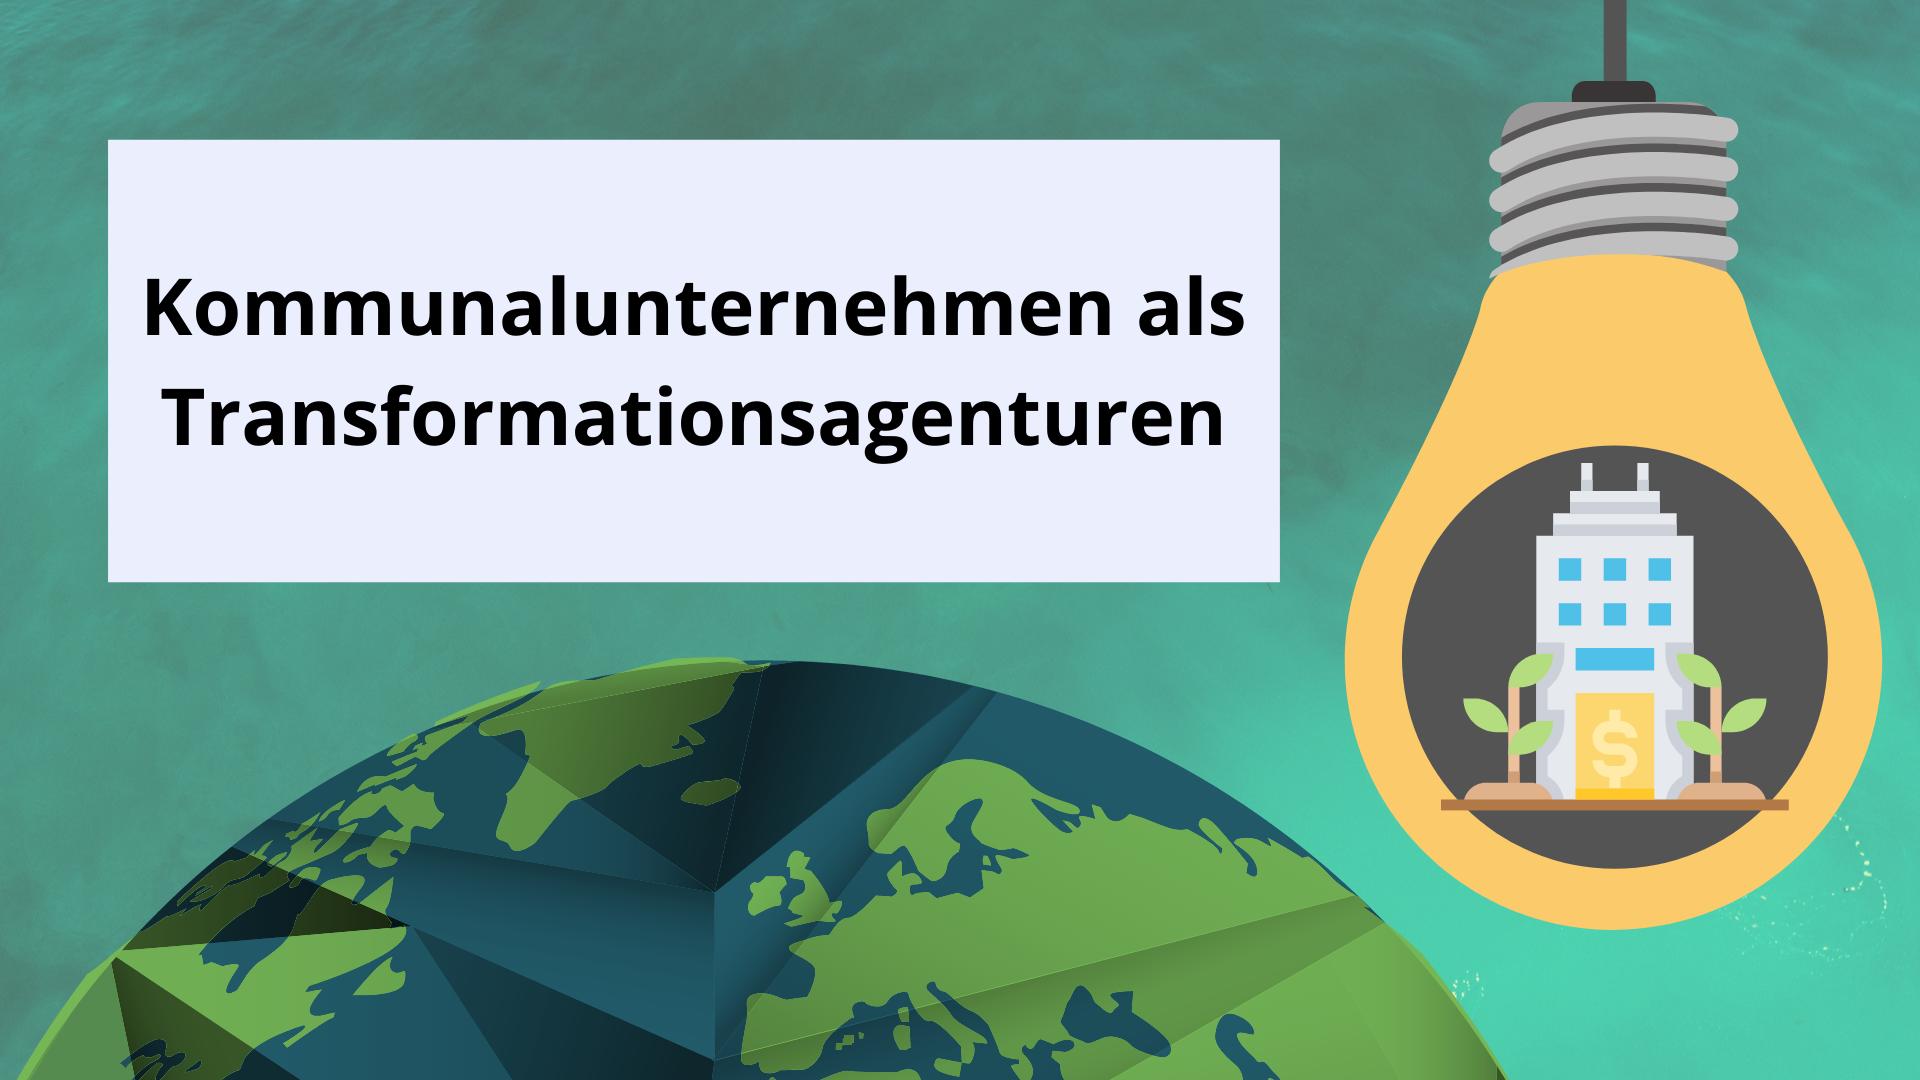 Kommunalunternehmen als Transformationsagenturen